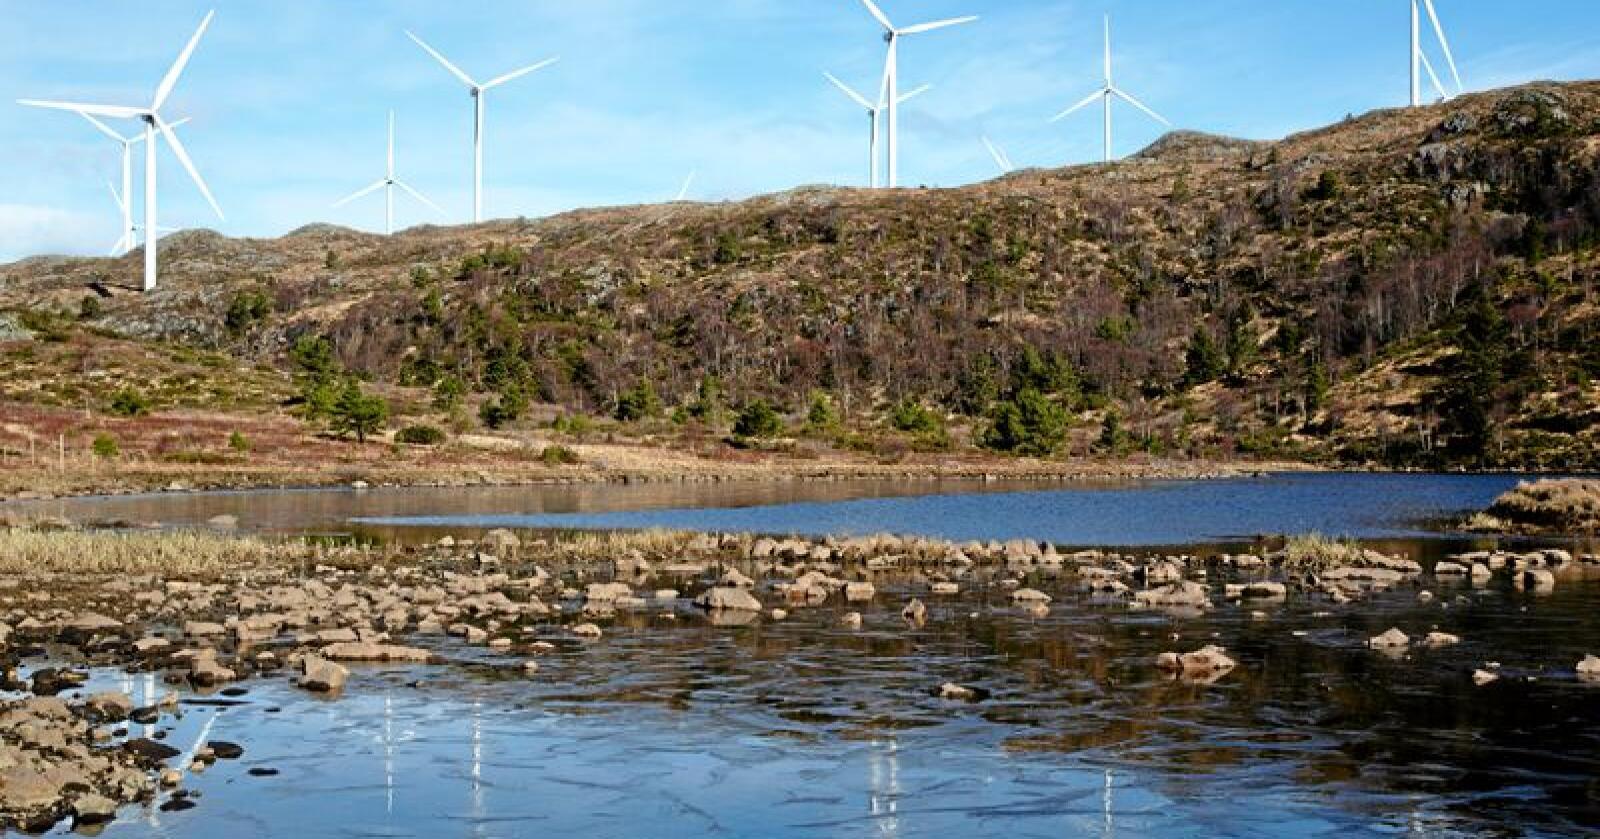 Statkraft meiner Noreg vil ha meir enn nok straum til å møte elektrifiseringsbølgja framover med dei vindkraftverka som har fått konsesjon. Foto: Jan Kåre Ness / NTB scanpix